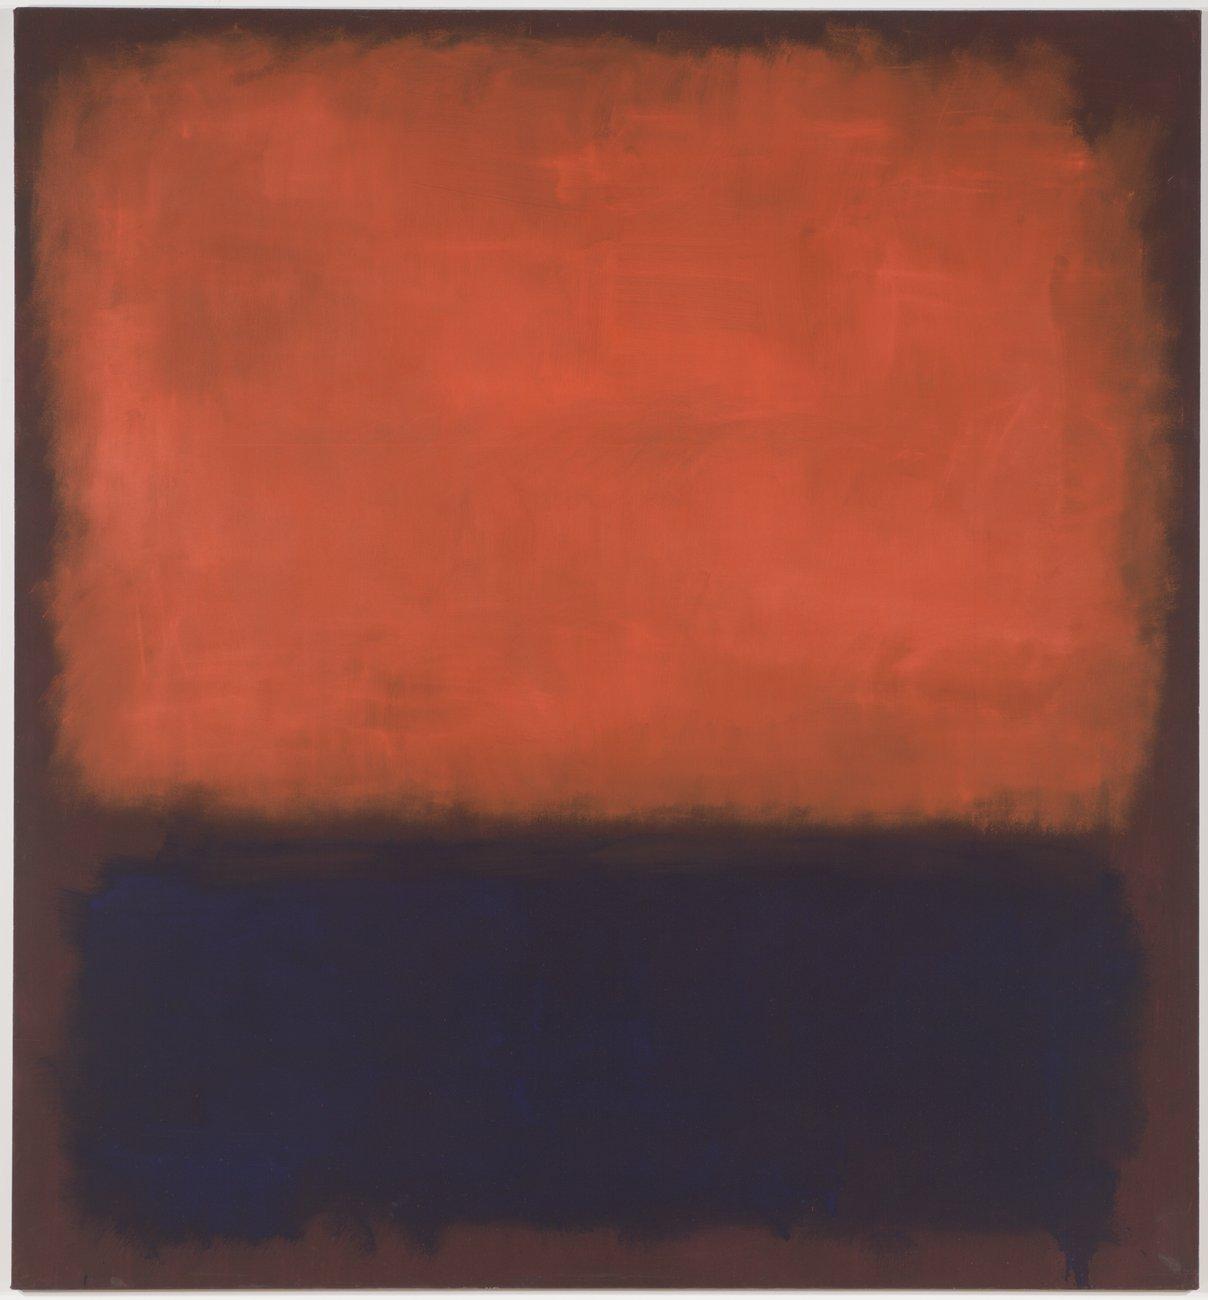 Artwork image, Mark Rothko's No. 14, 1960, 1960